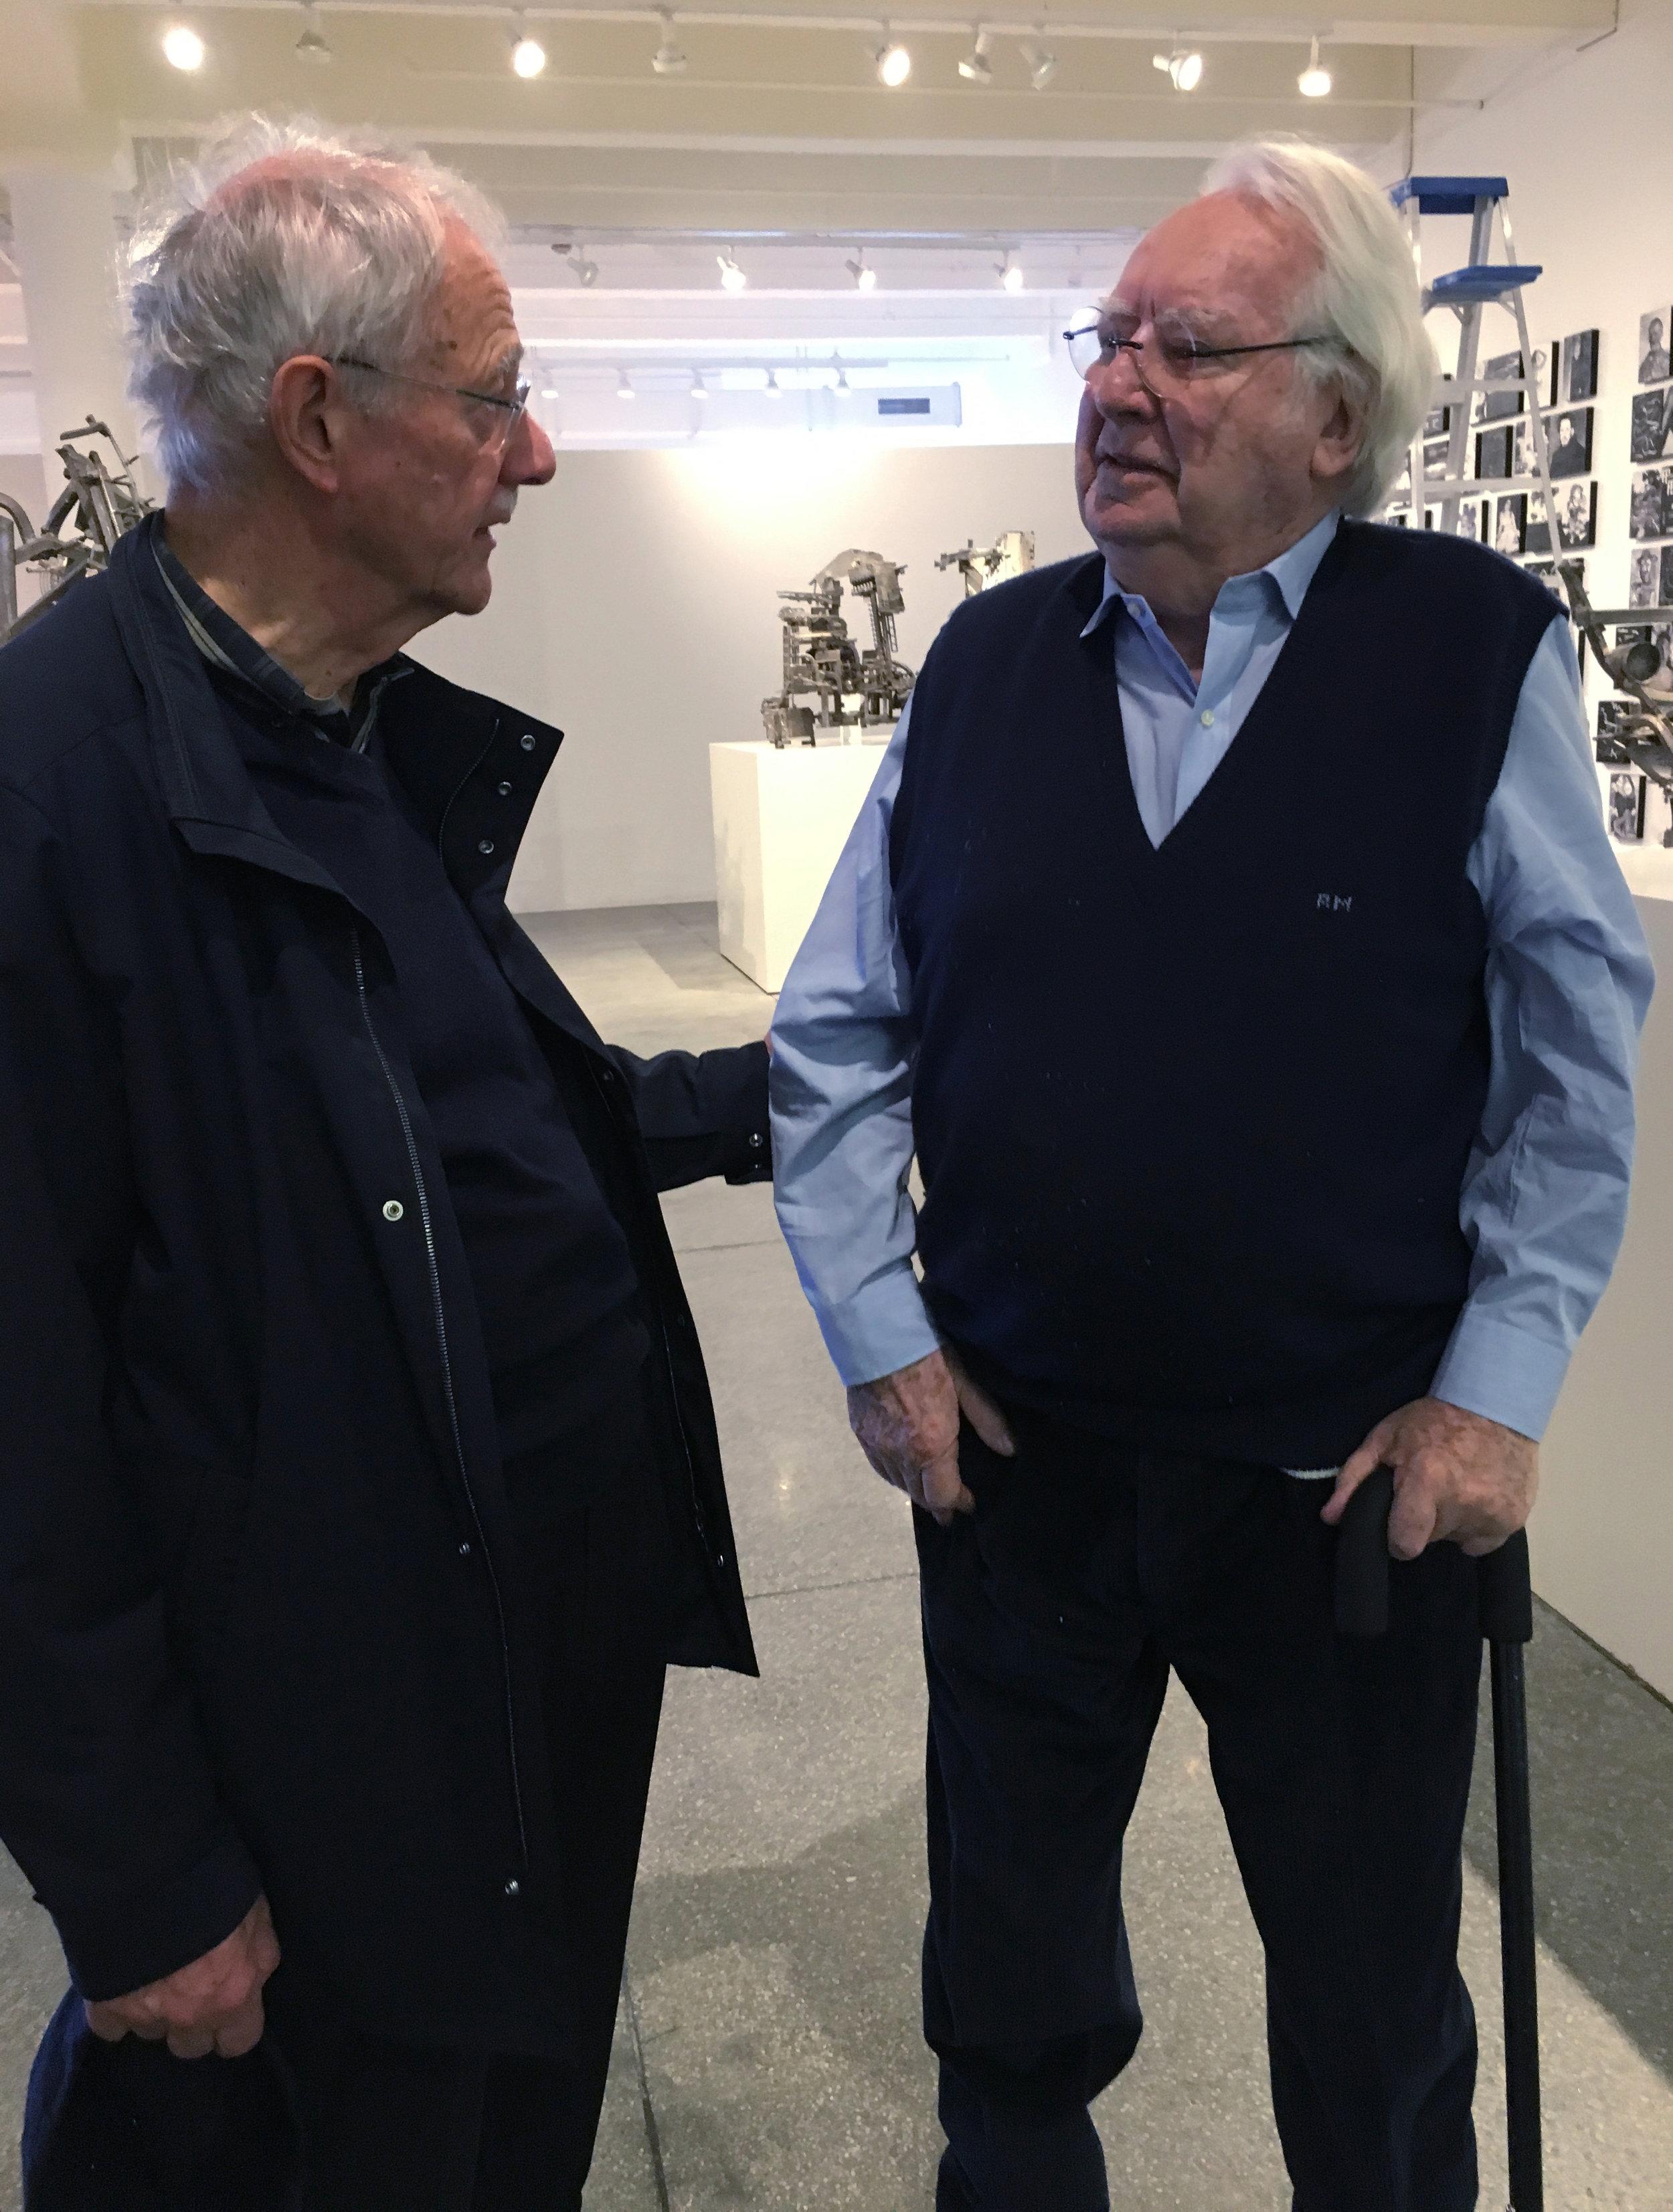 Mr. Karlheiz Essl and Mr. Richard Meier